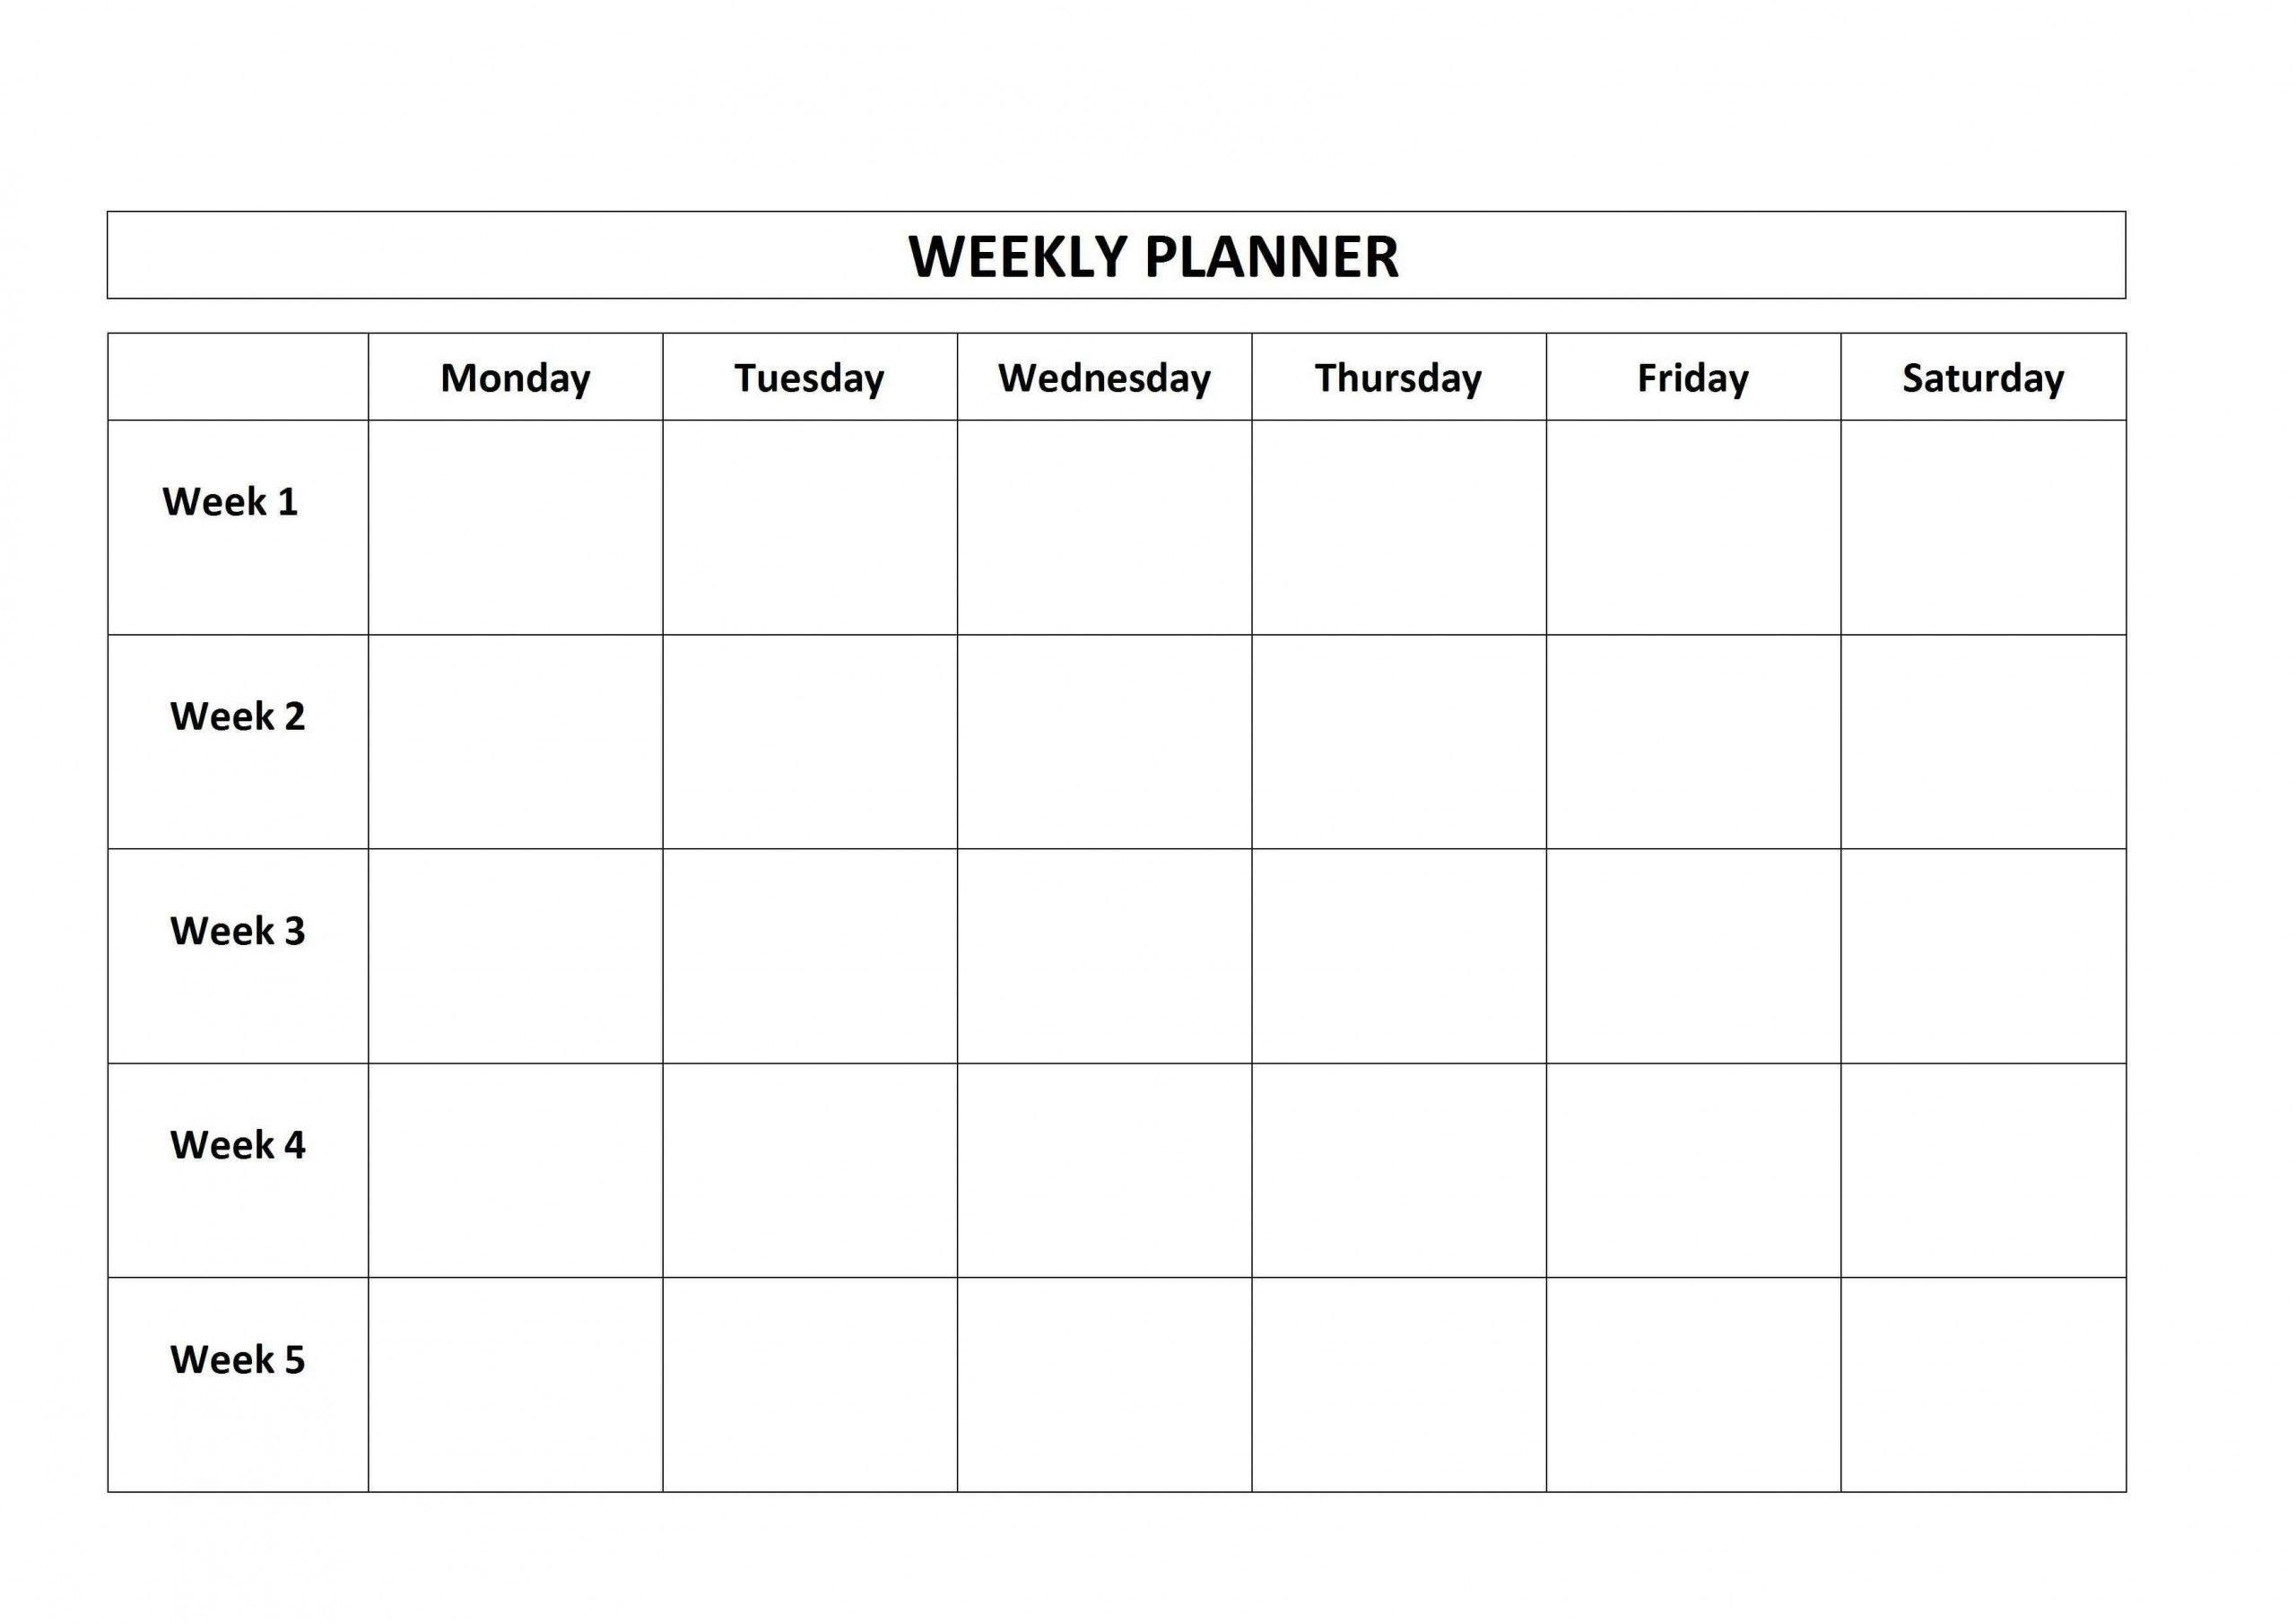 5X8.5 Calendar Template - Example Calendar Printable